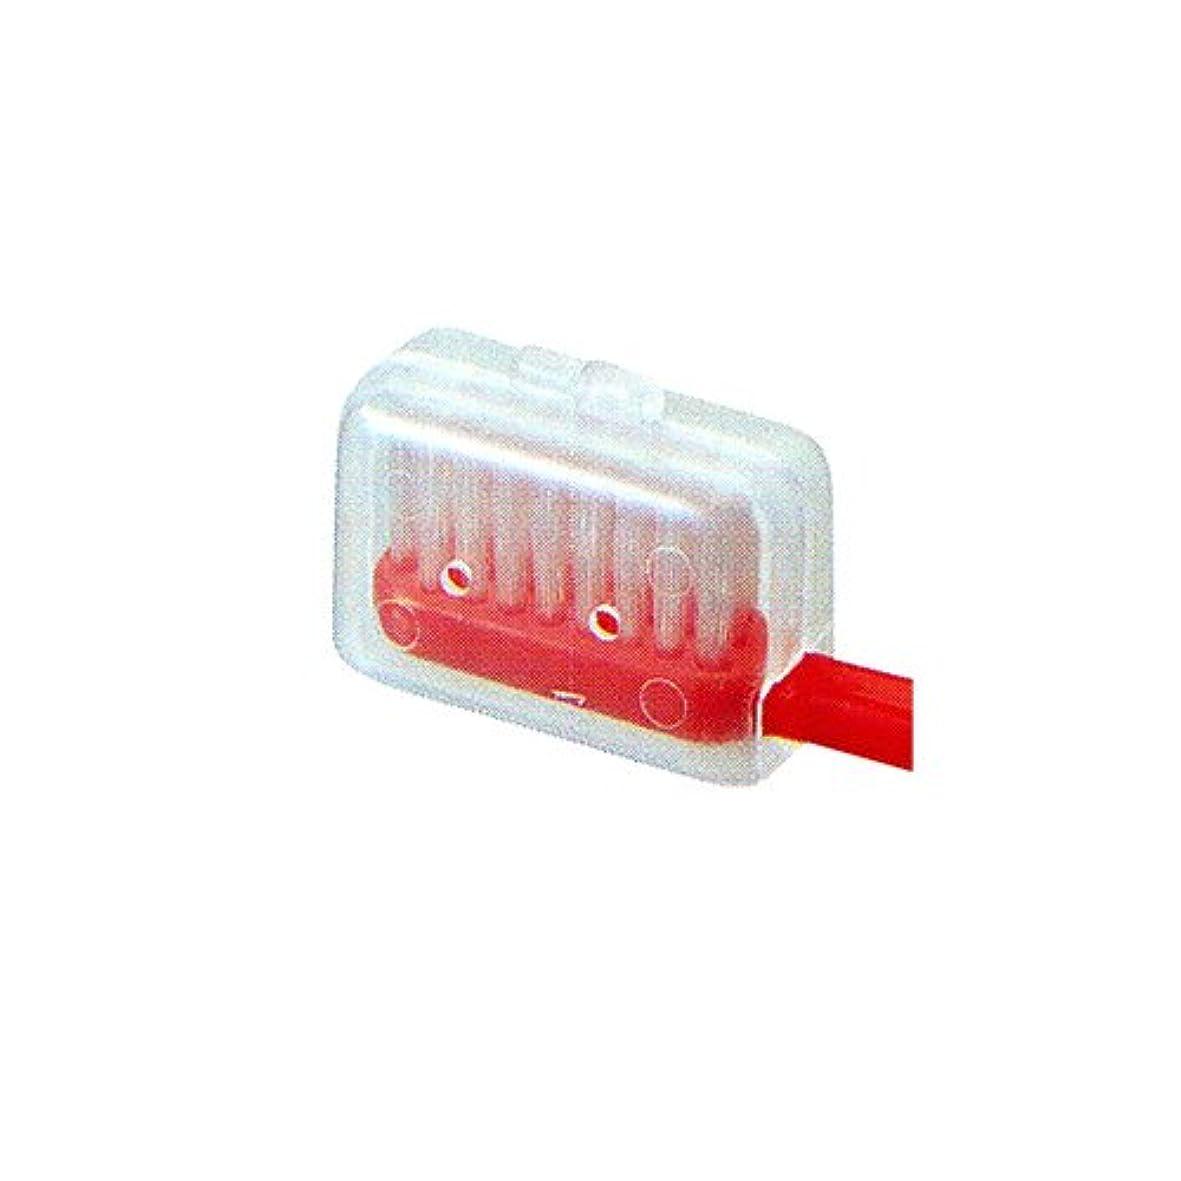 放出勝利した弾性ビーブランド 歯ブラシキャップ1個 (M)